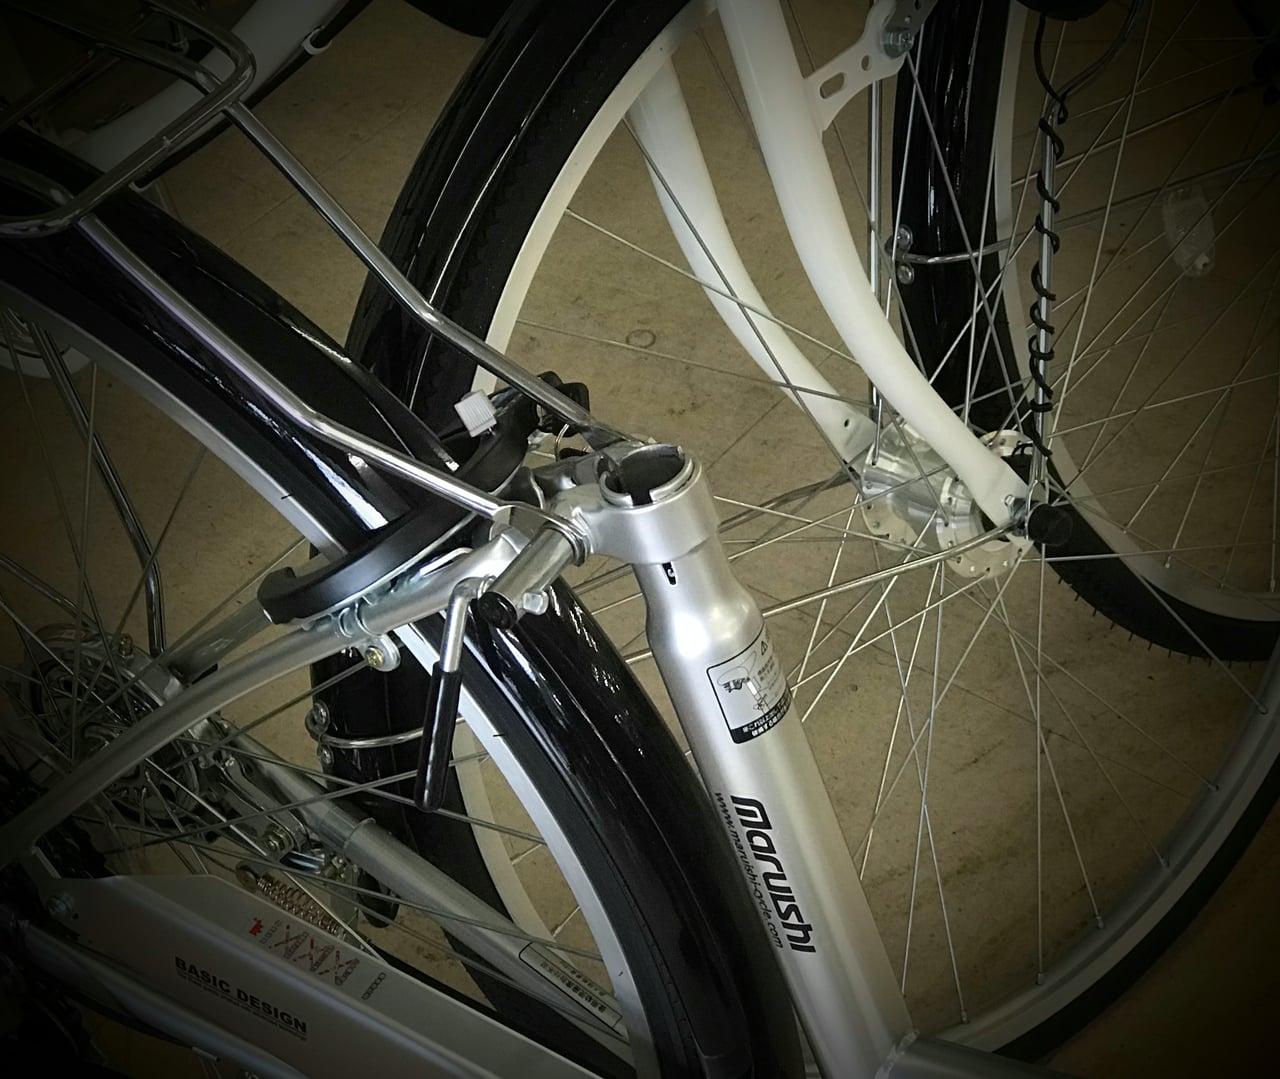 サドルが外された自転車